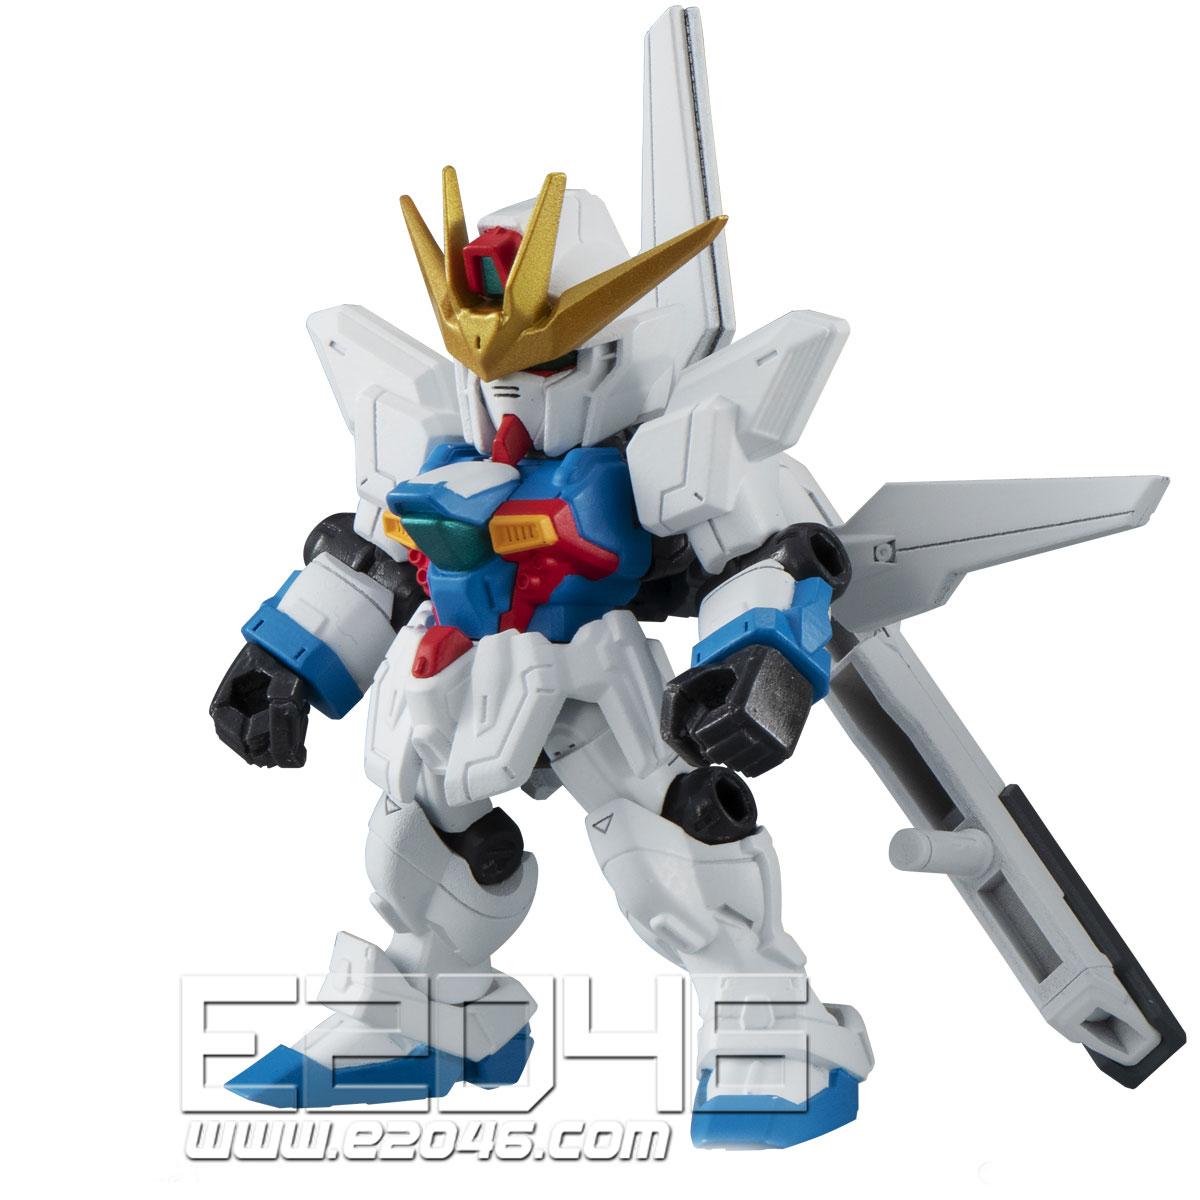 Mobile Suit Gundam Ensemble Set 11